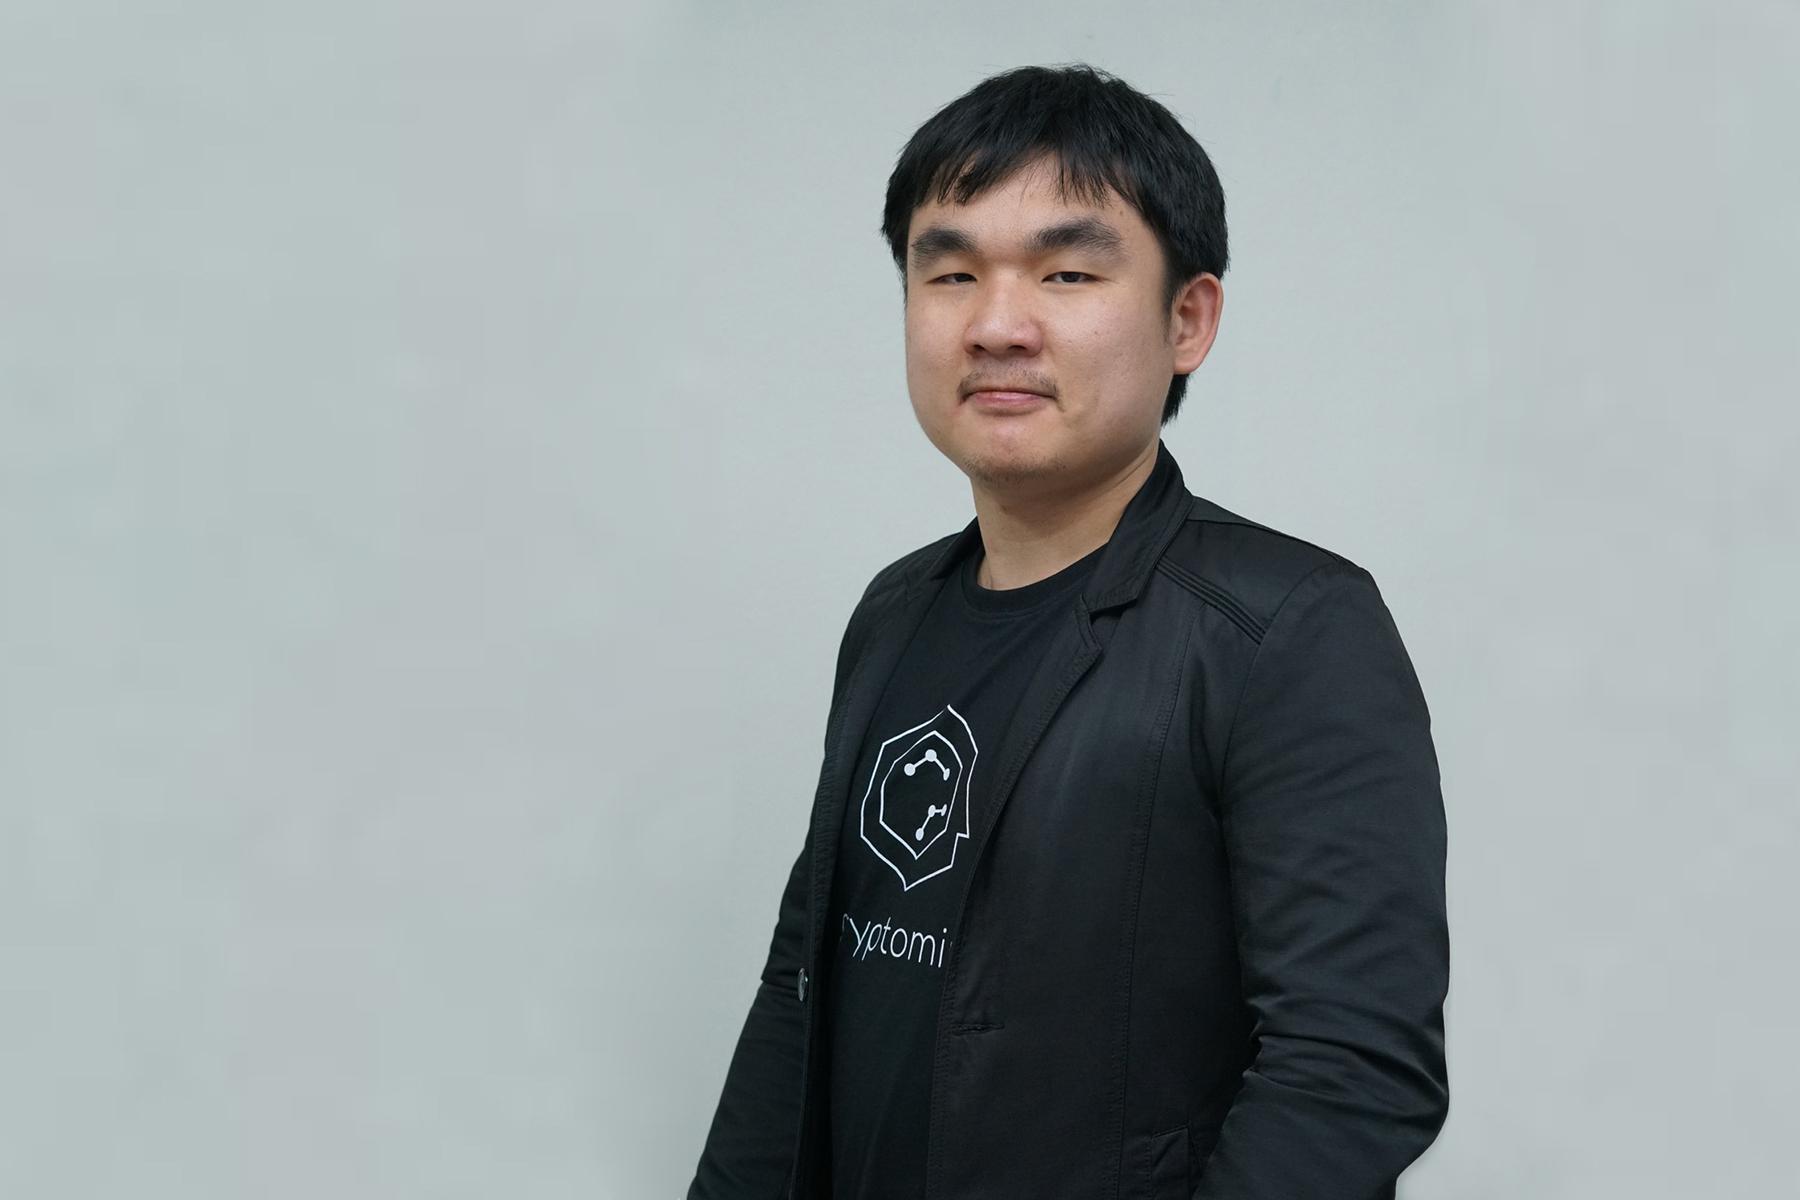 คุณ กานต์นิธิ ทองธนากุล (คิม) ประธานเจ้าหน้าที่ฝ่ายการลงทุน Merkle Capital ผู้ก่อตั้งเพจ Kim DeFi Daddy และ Bitcoin Addict Thailand